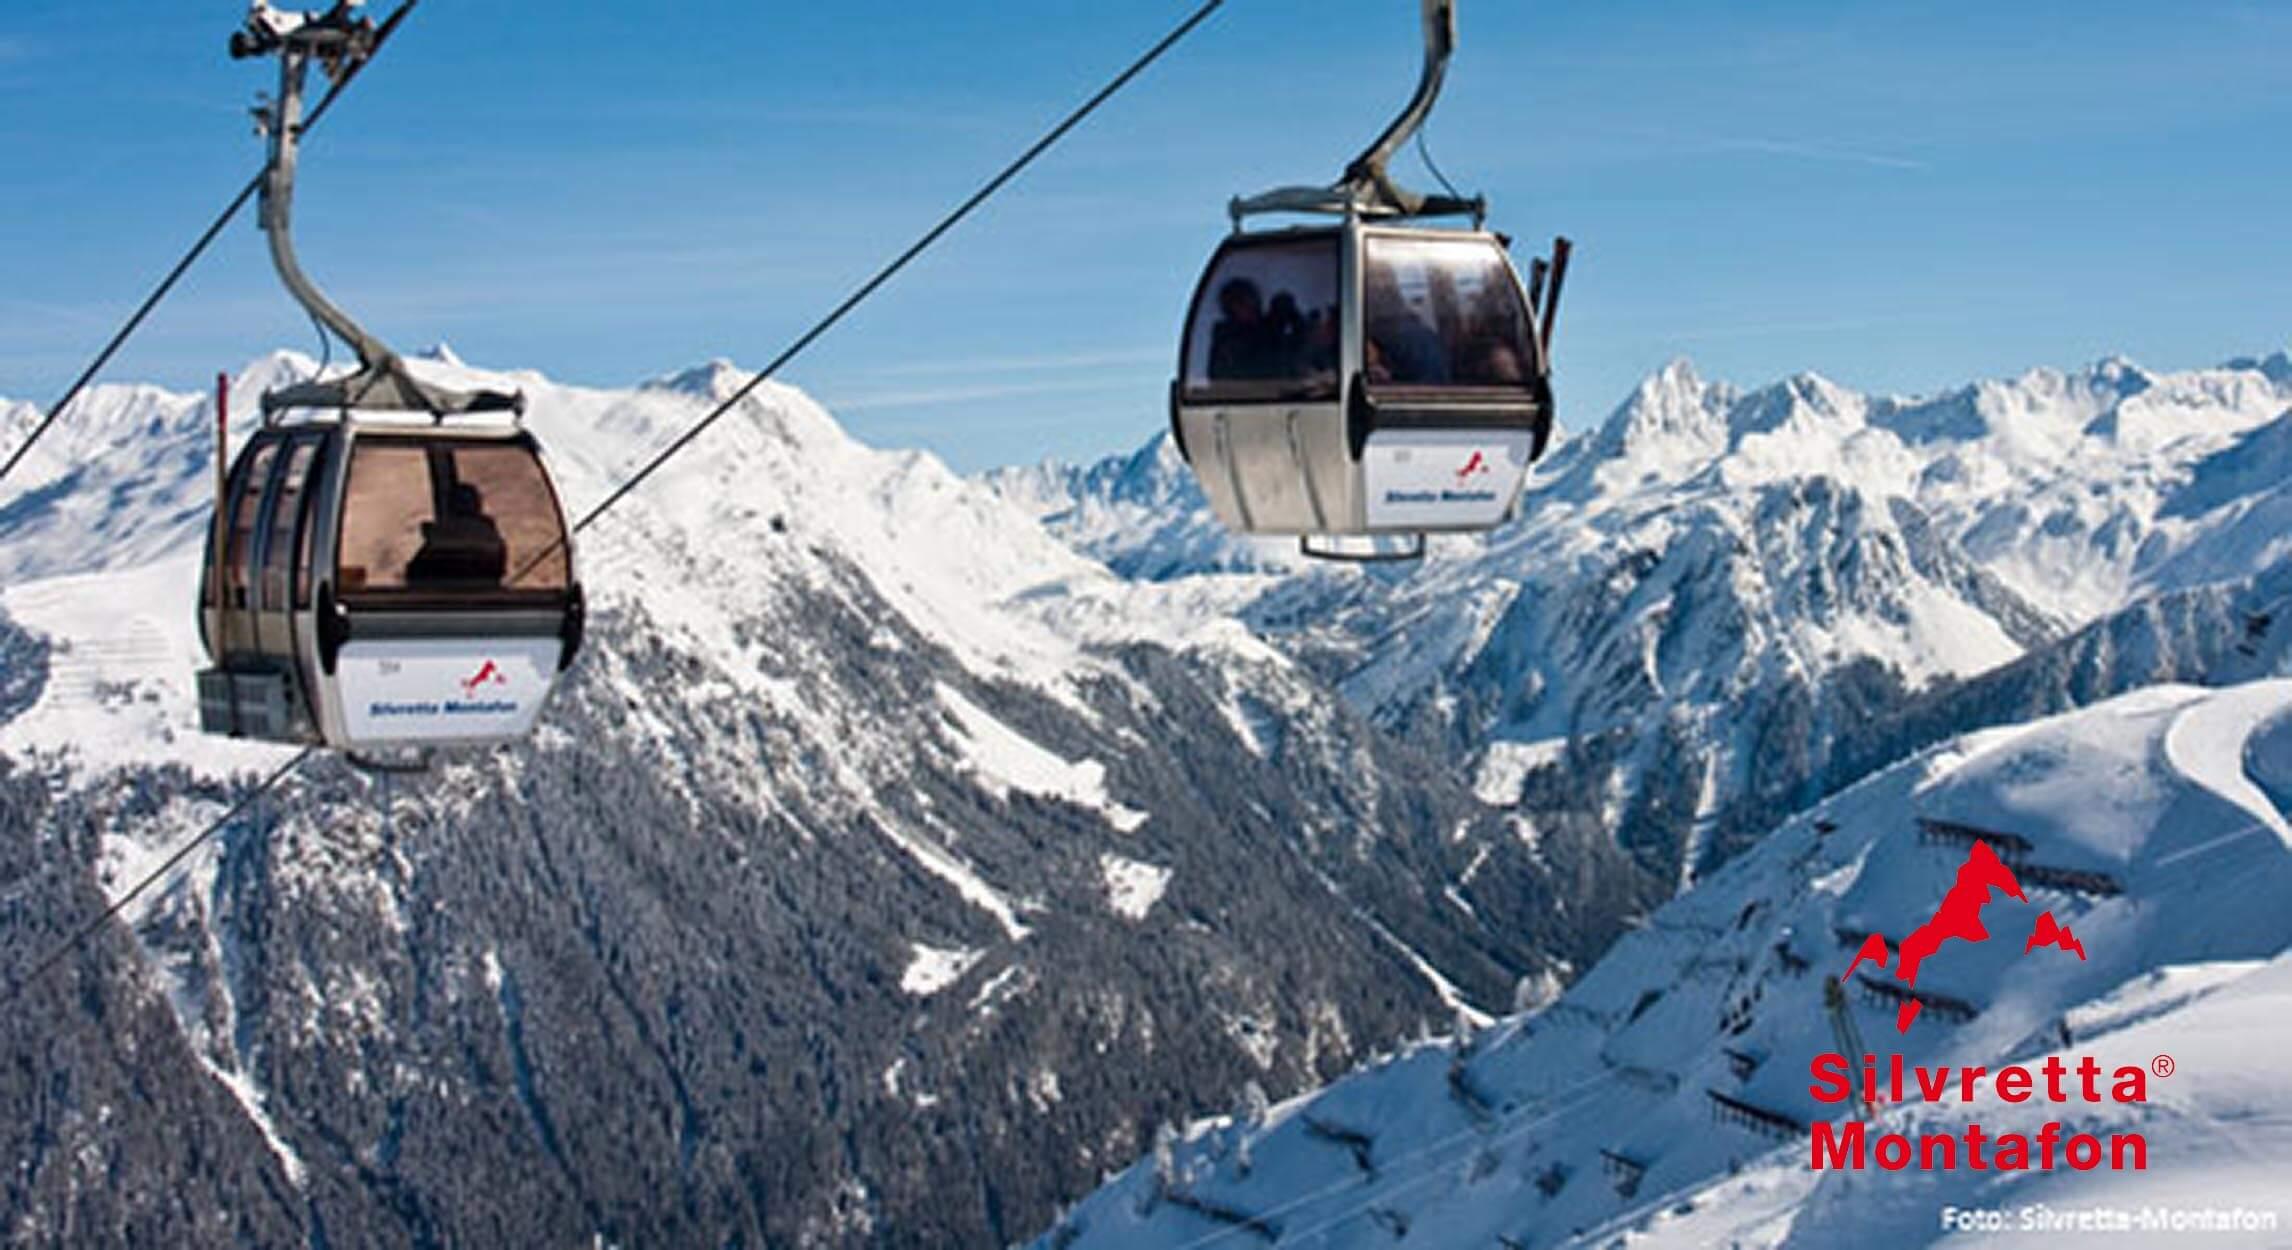 Ski-Snowboard-Tagesfahrt Montafon (Skitours)